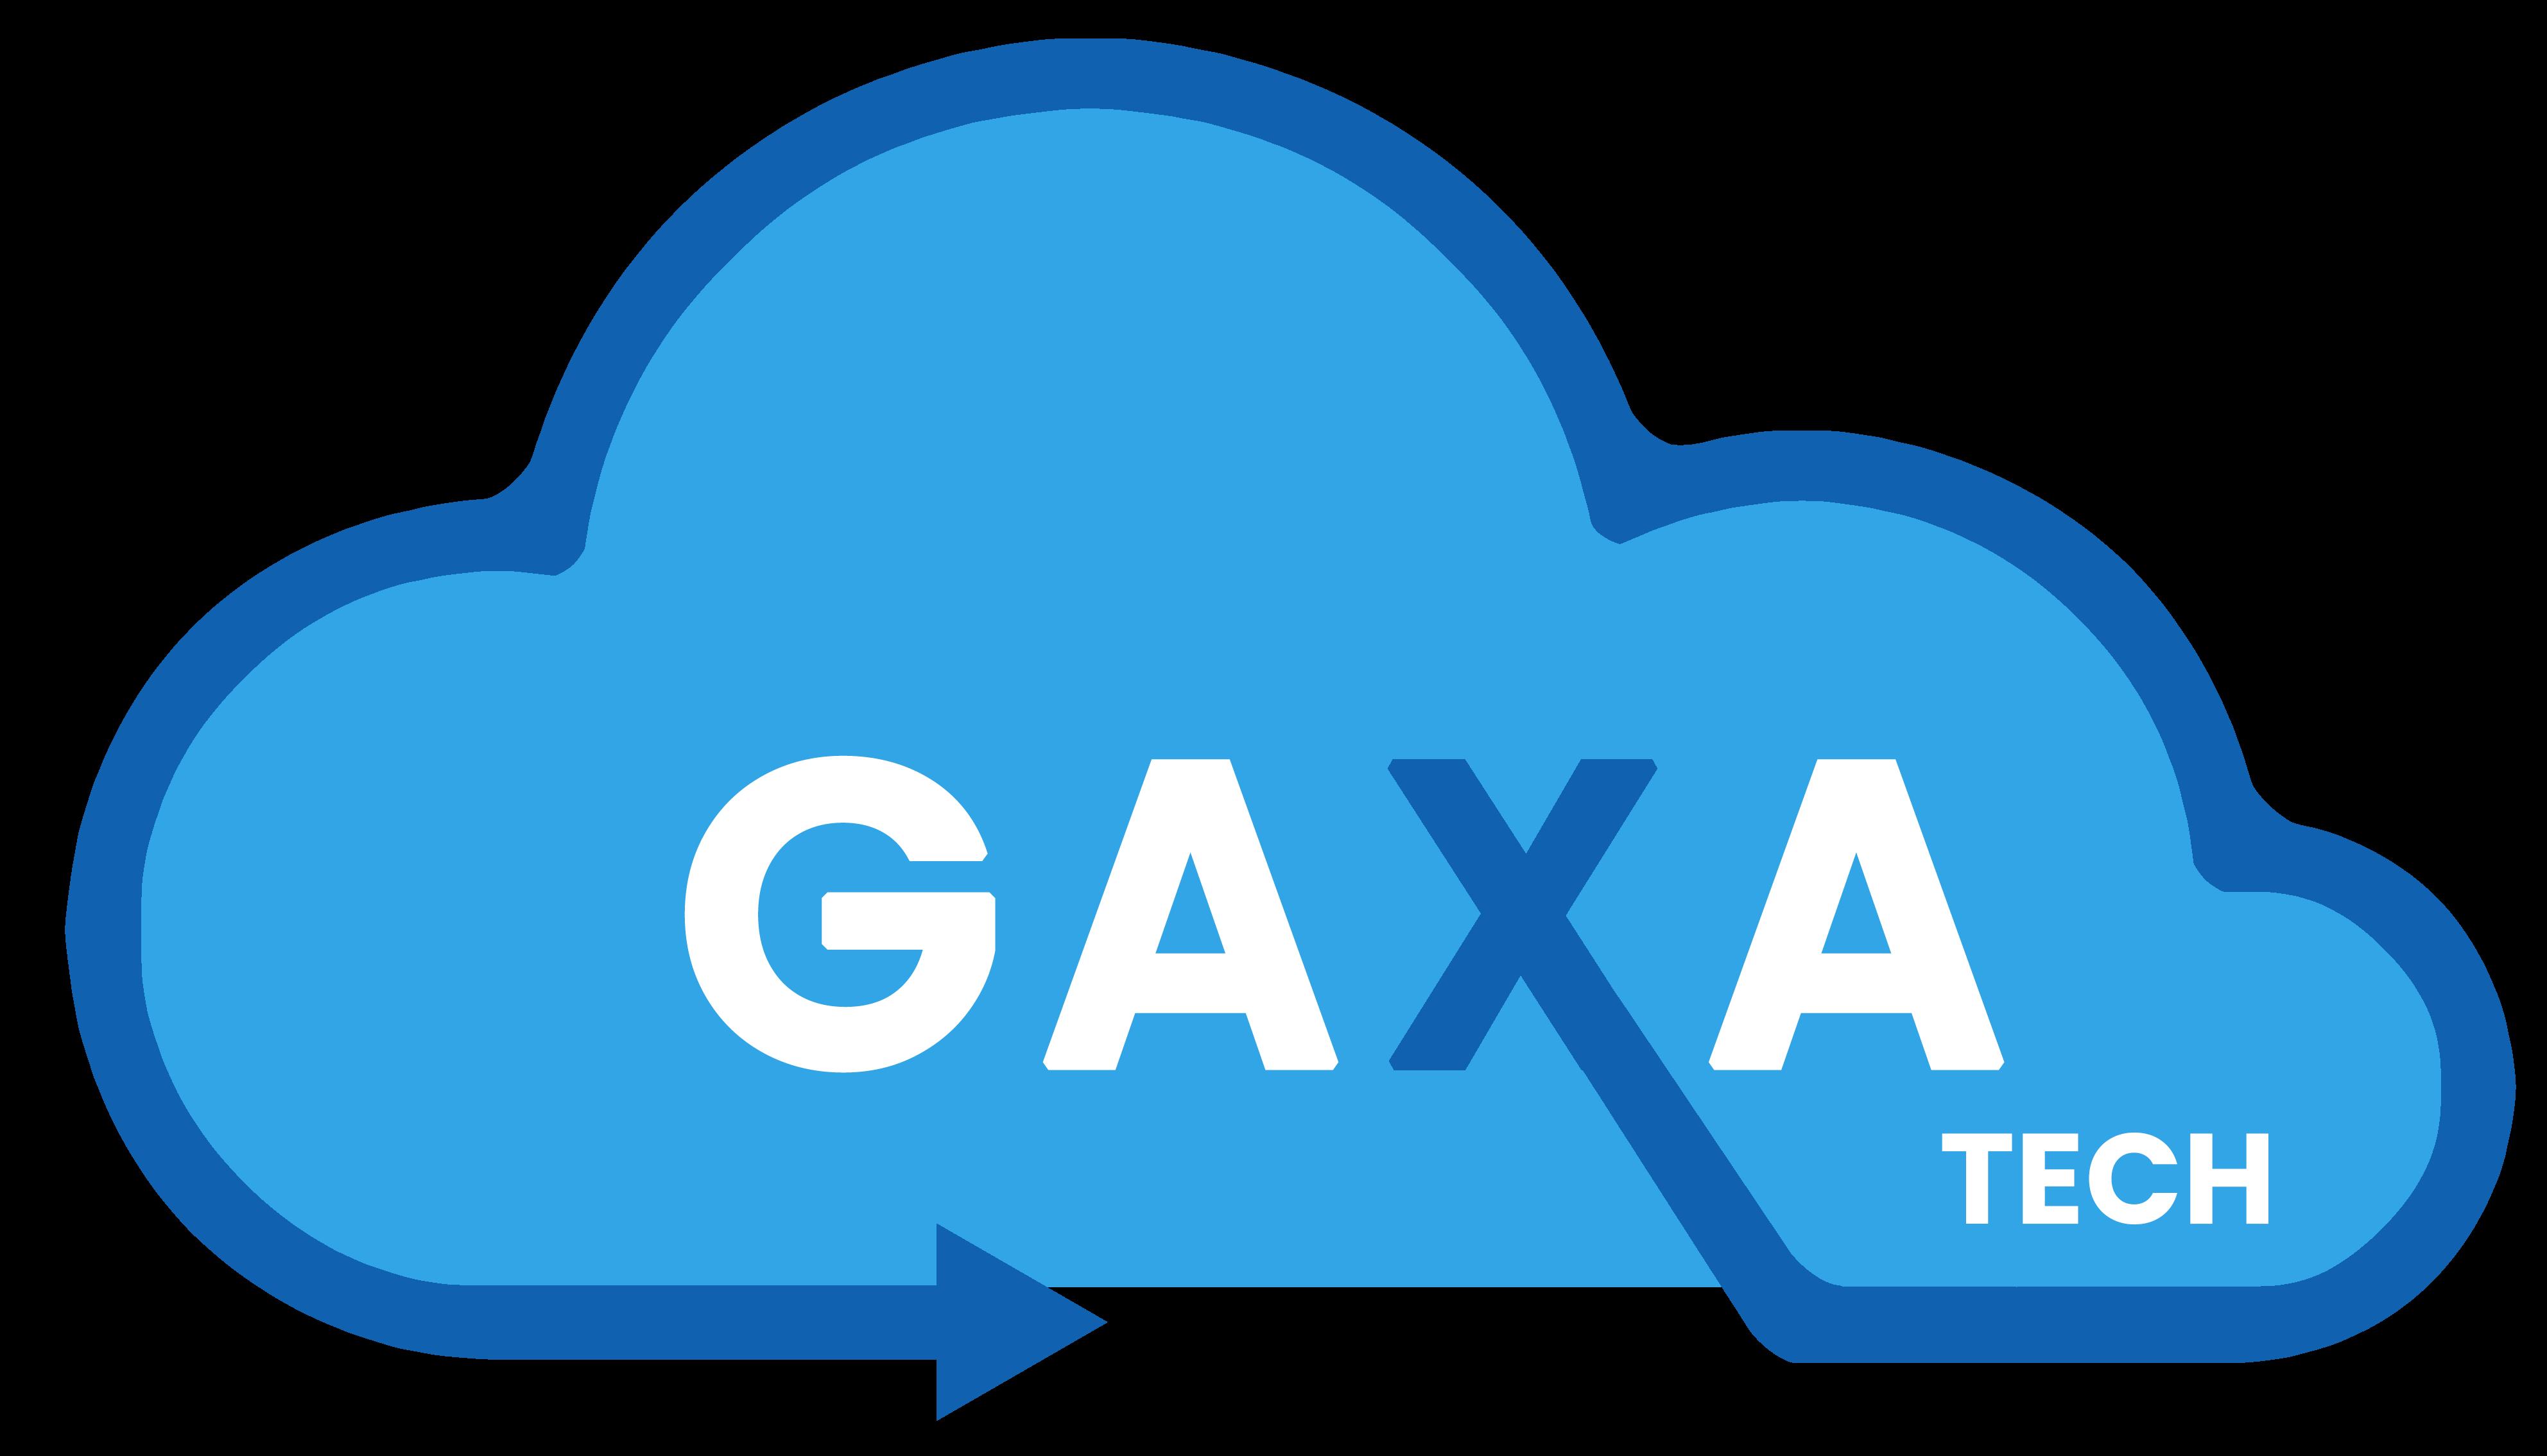 Gaxa Tech